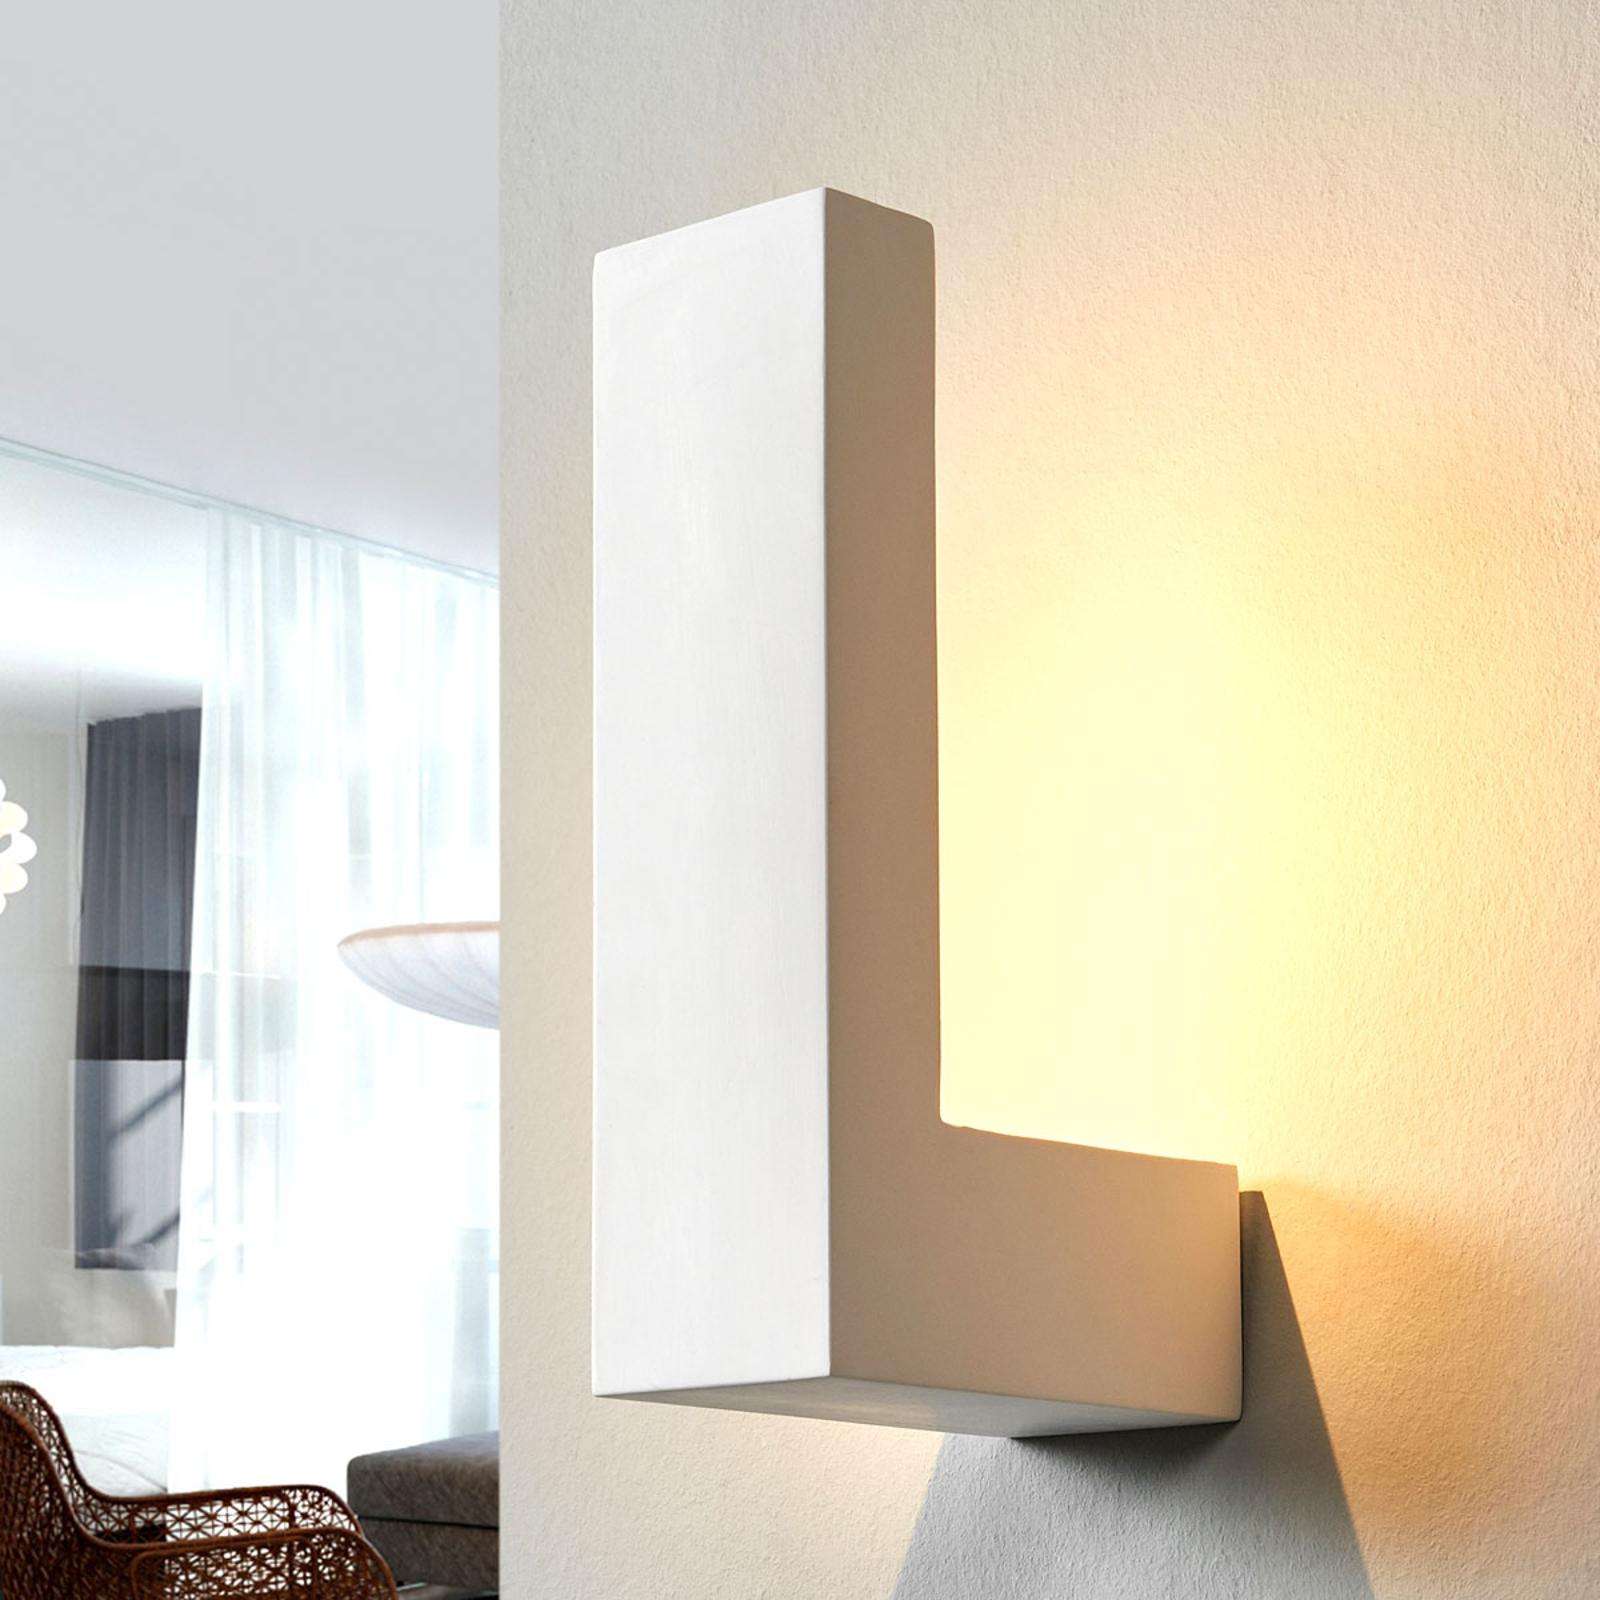 Valkoinen LED-seinävalaisin Cera keramiikasta